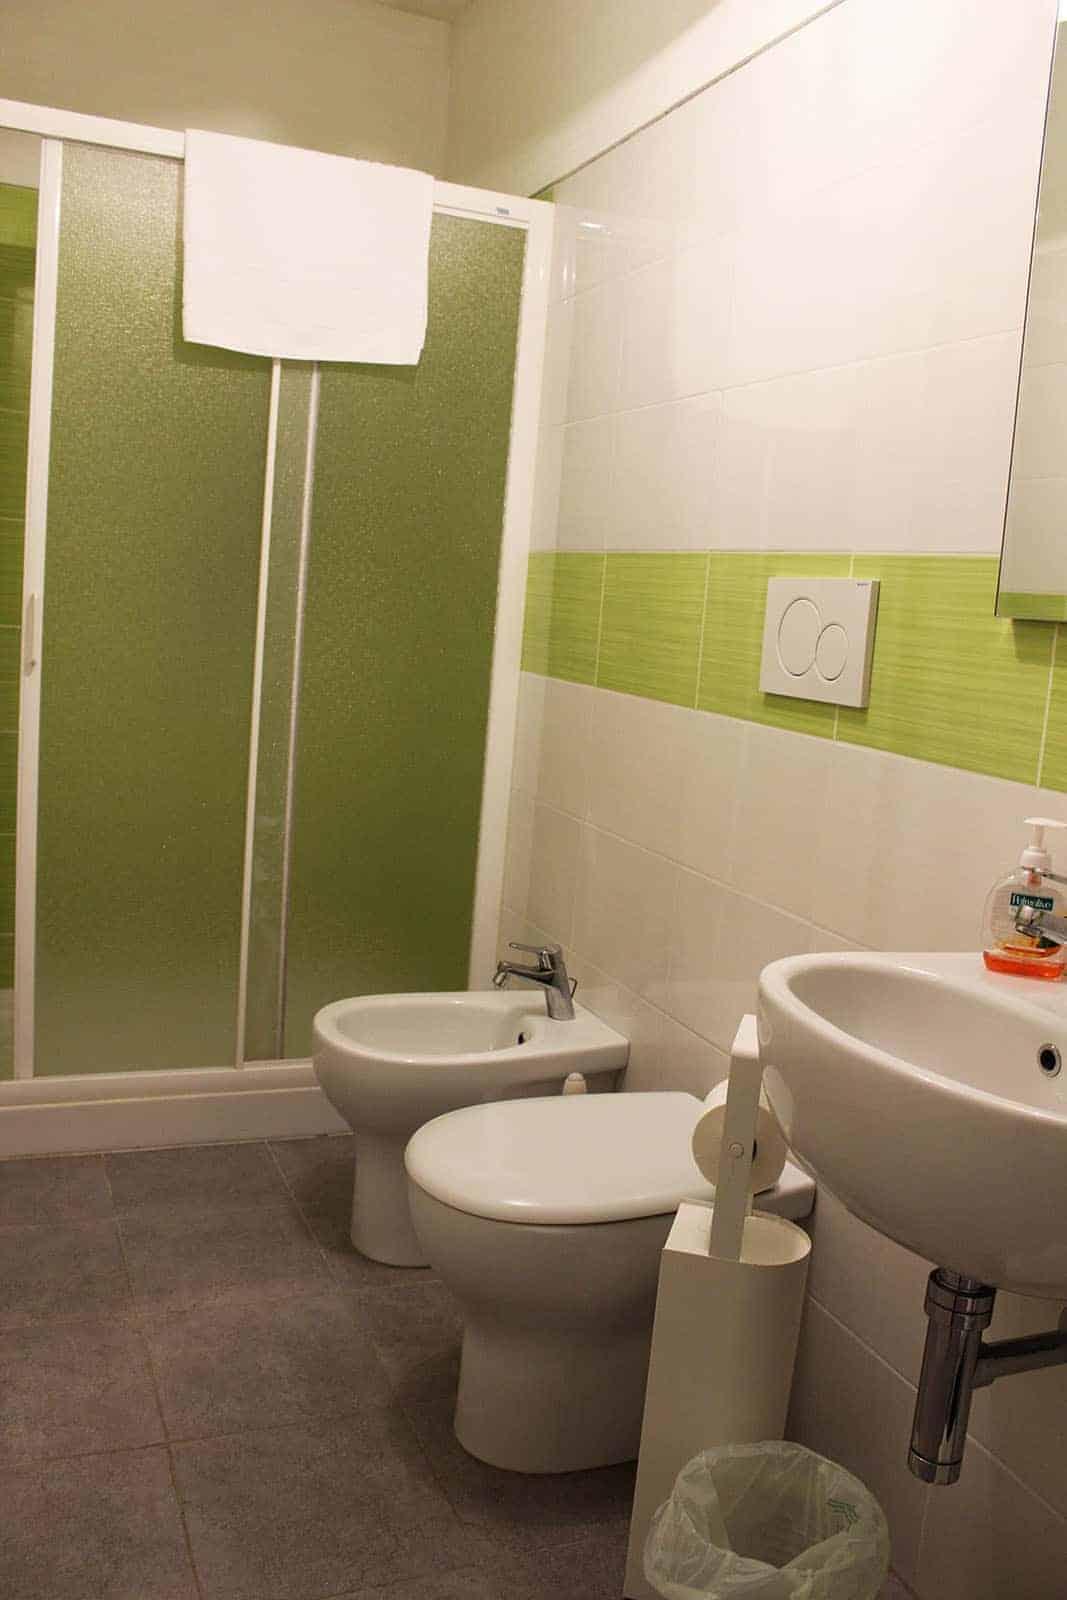 Where to stay in Cinque Terre: Gramsci 31 apartment in Riomaggiore